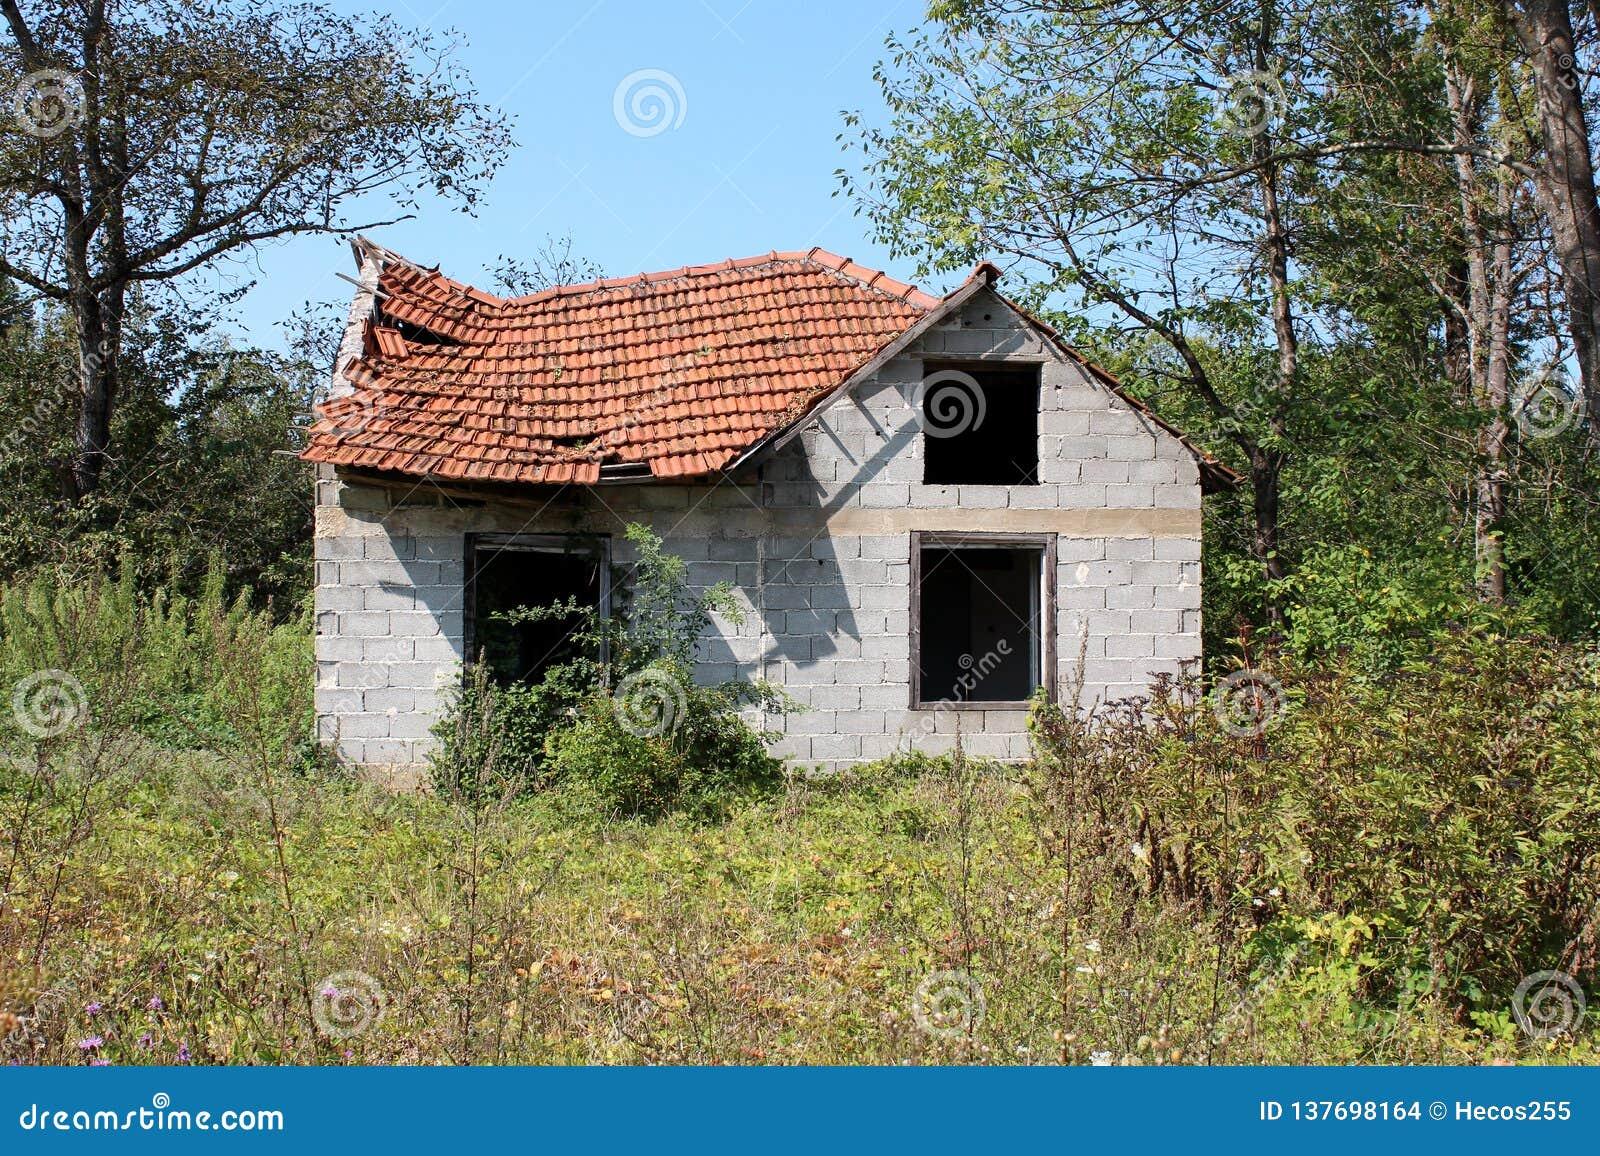 有缺掉完全地被围拢的窗口和倒塌的屋顶的被毁坏的未完成的小家庭房子与长得太大的植被